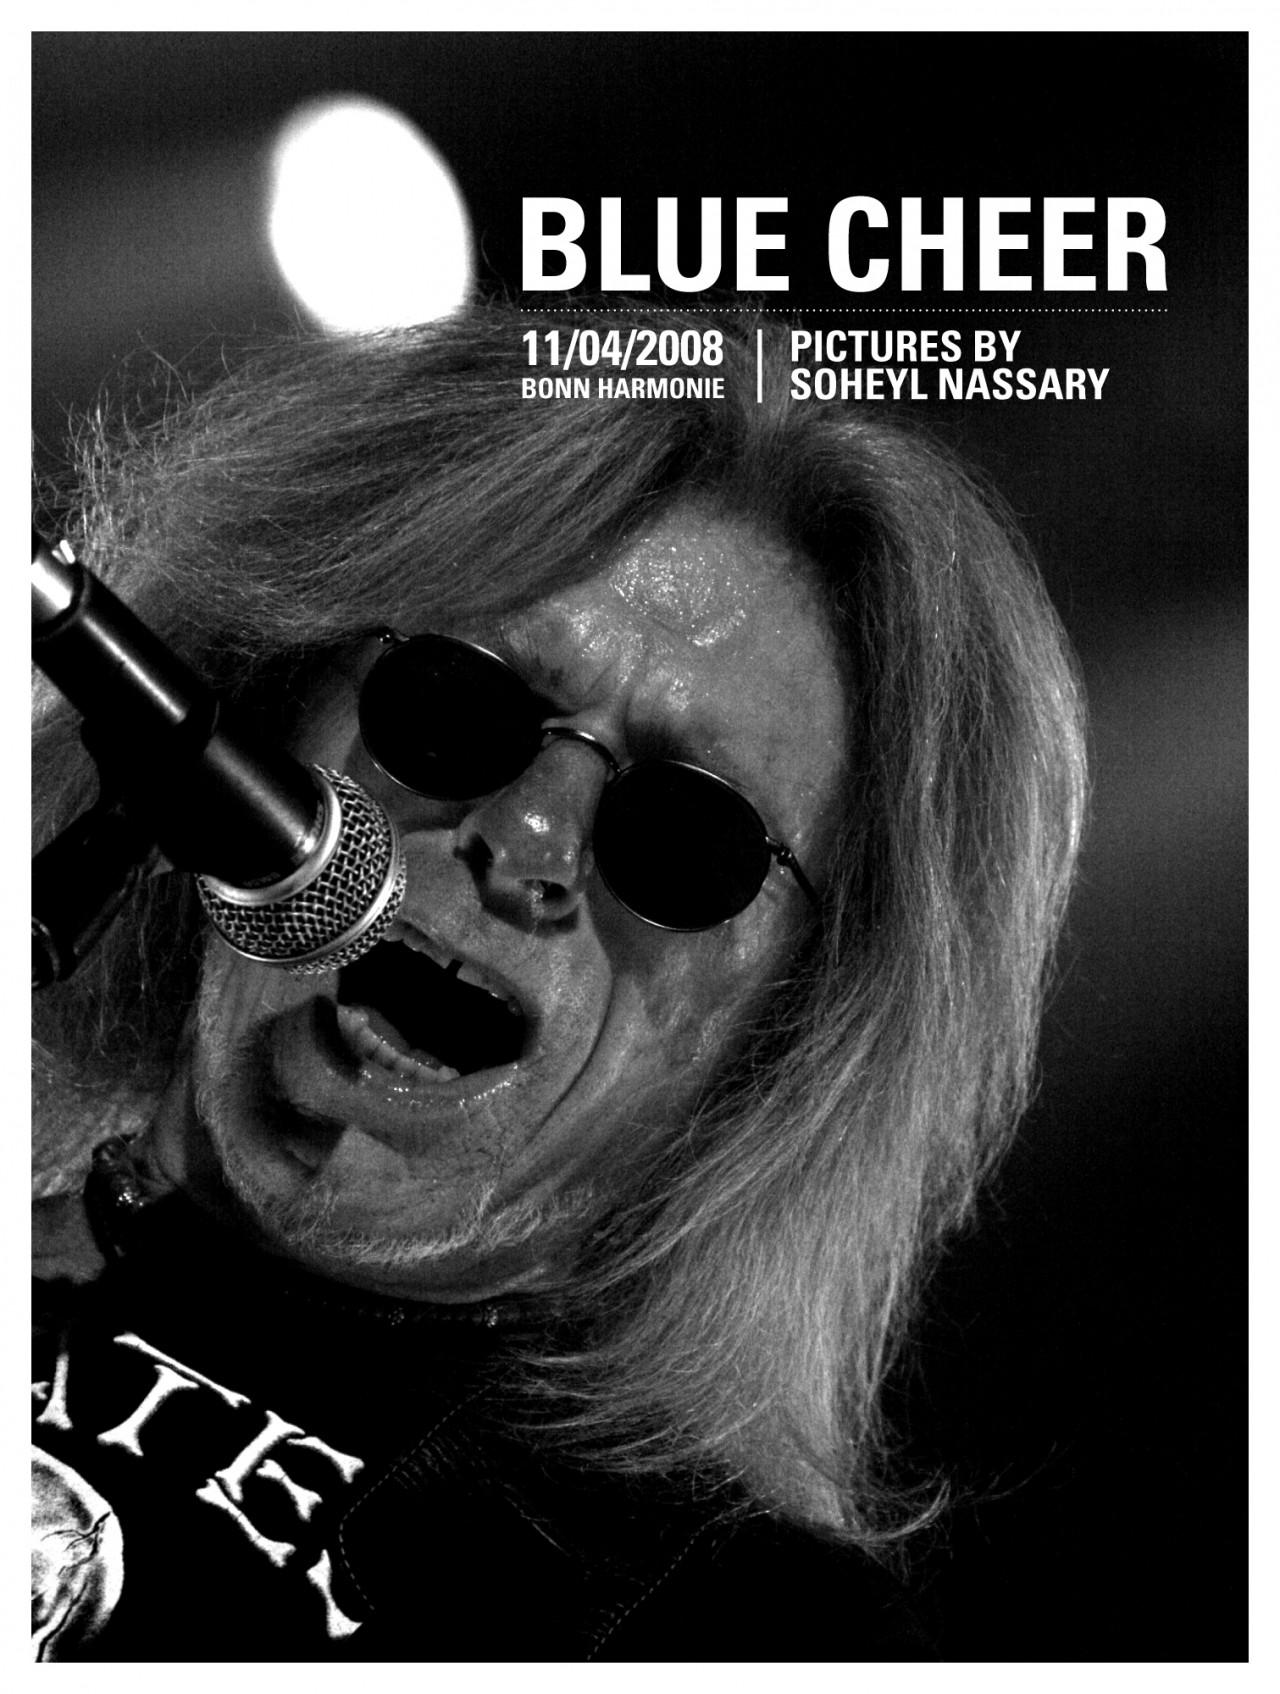 soheyl nassary BLUE CHEER // HARMONIE